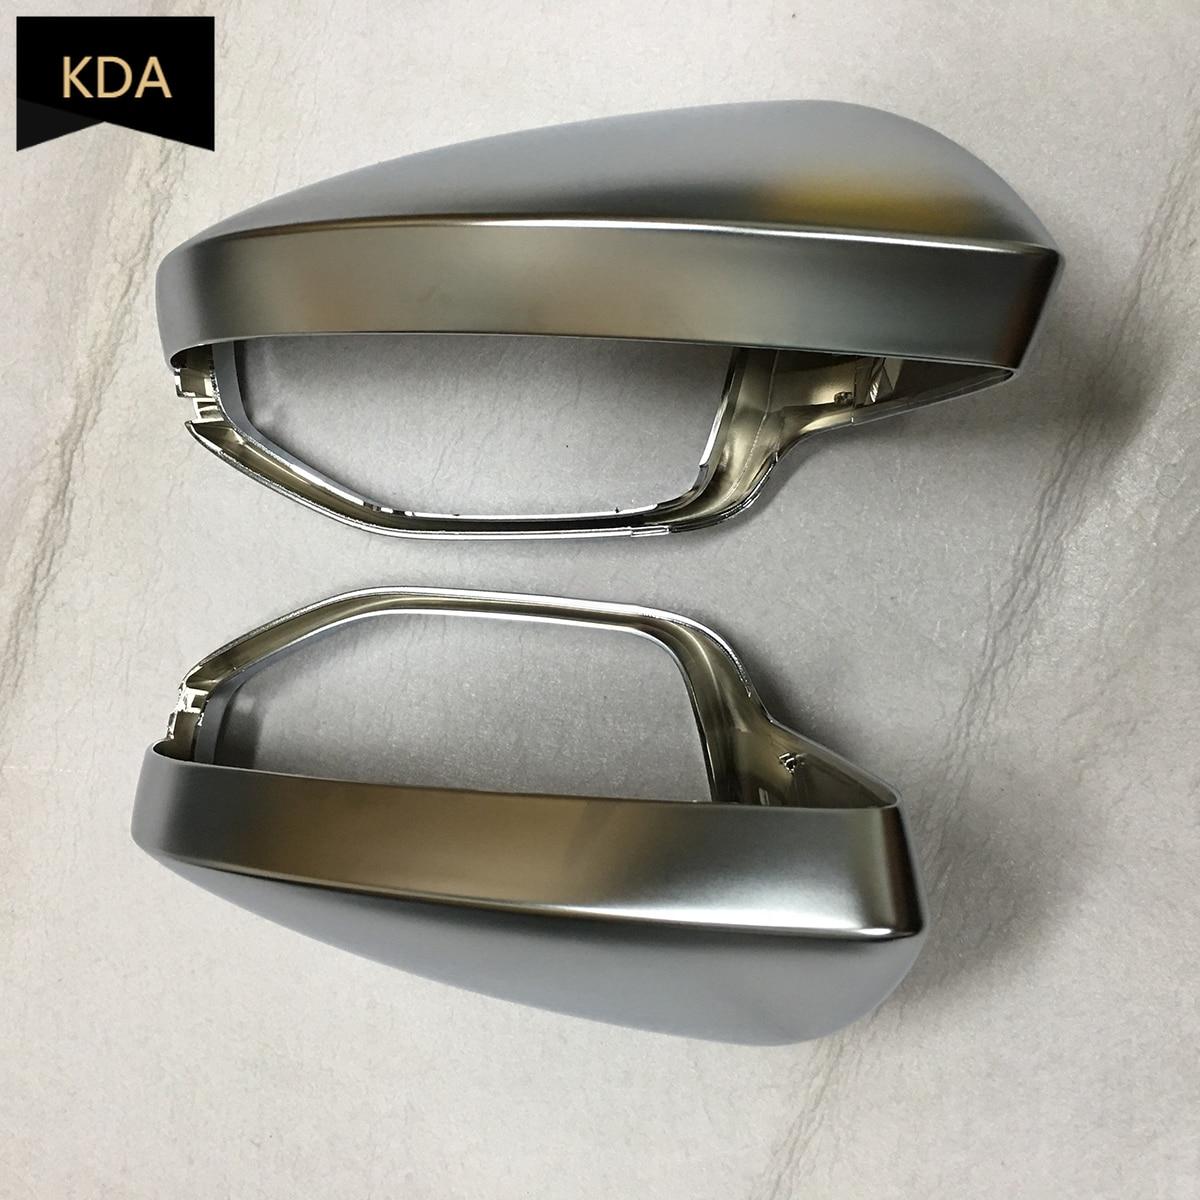 2 قطعة السيارات اليسار الجانب الأيمن كروم الفضة مات الرؤية الخلفية غطاء مرآة لأودي A6 C8 A7 4K8 A8 D5 2018 2019